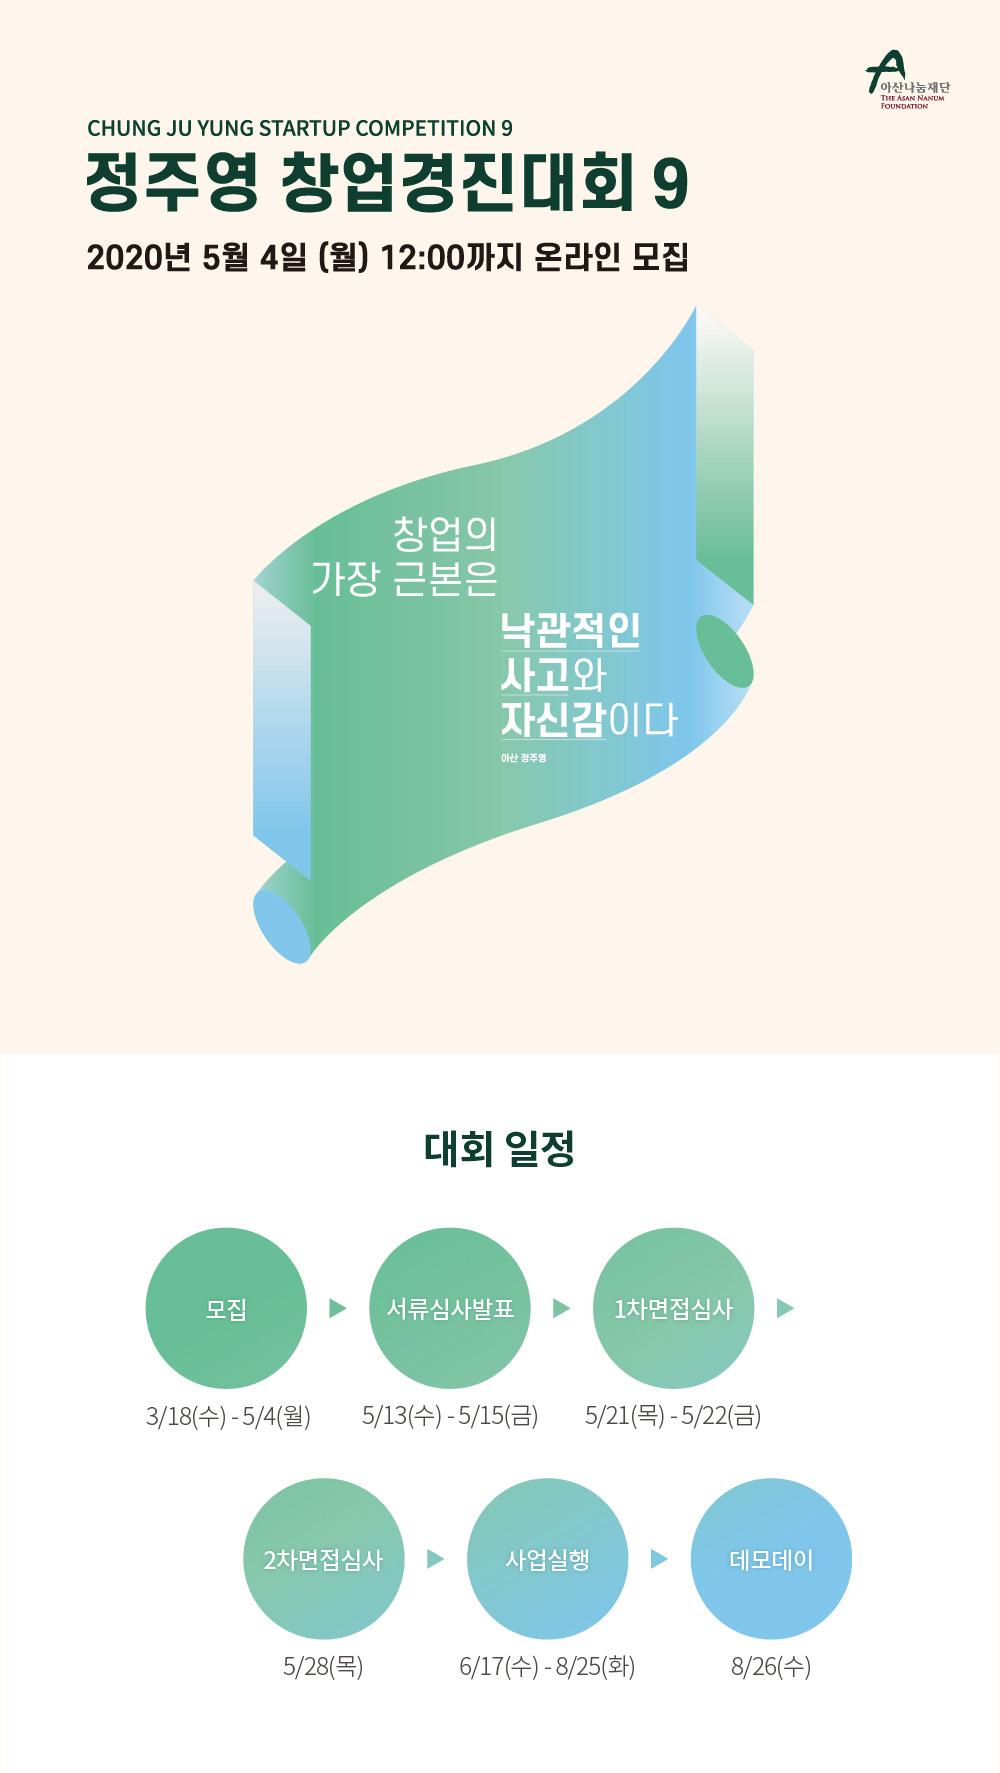 정주영 창업경진대회 9 모집